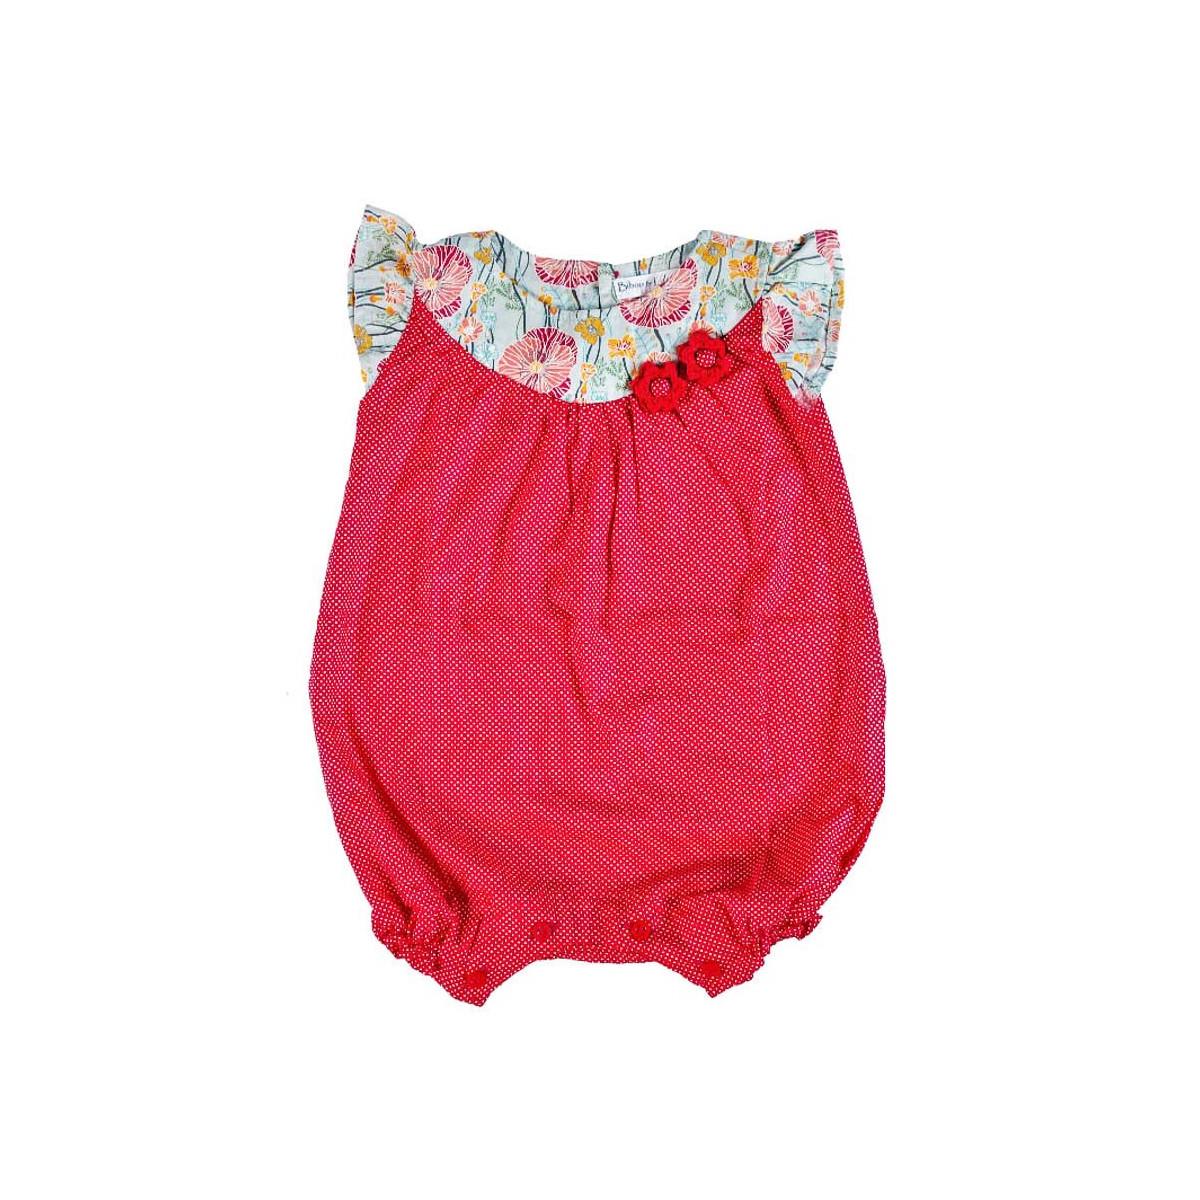 Barboteuse coton bébé fille 0-18 mois rouge coquelicot à pois